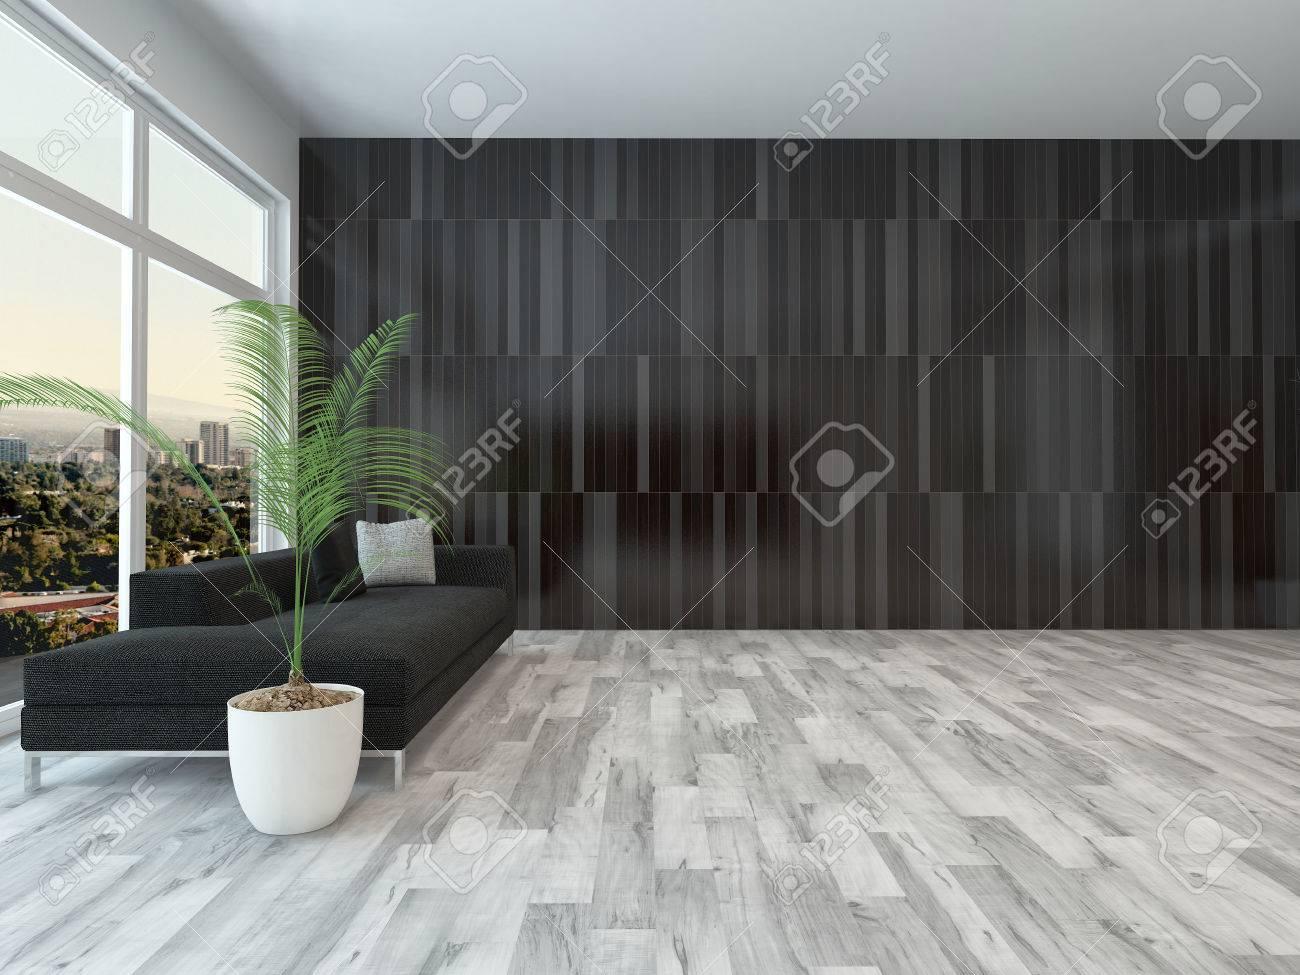 Immagini stock appartamento ampio soggiorno con finestra vista